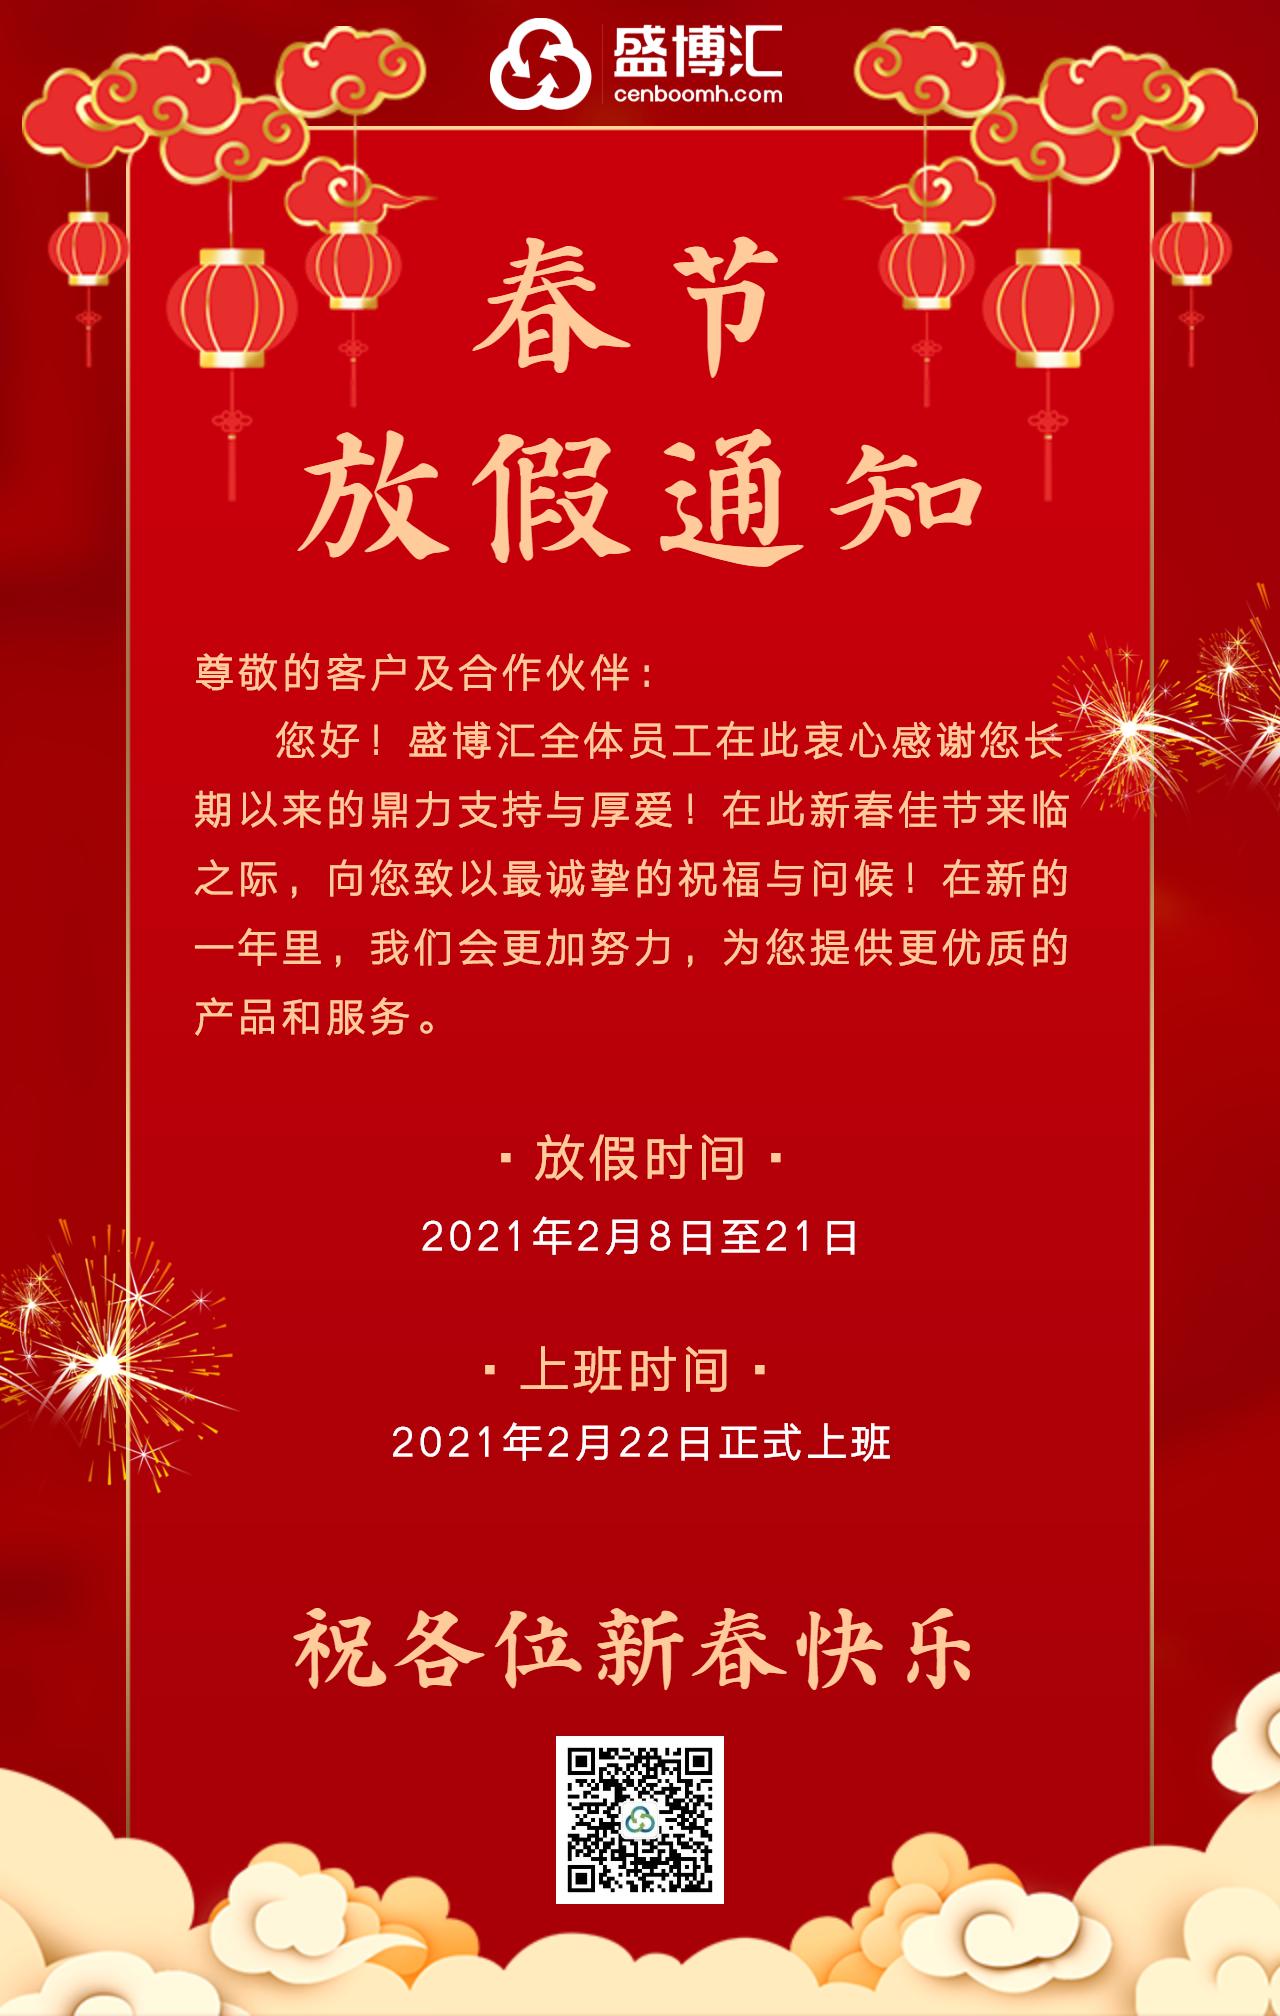 盛博匯2021年春節放假通知,請查收!